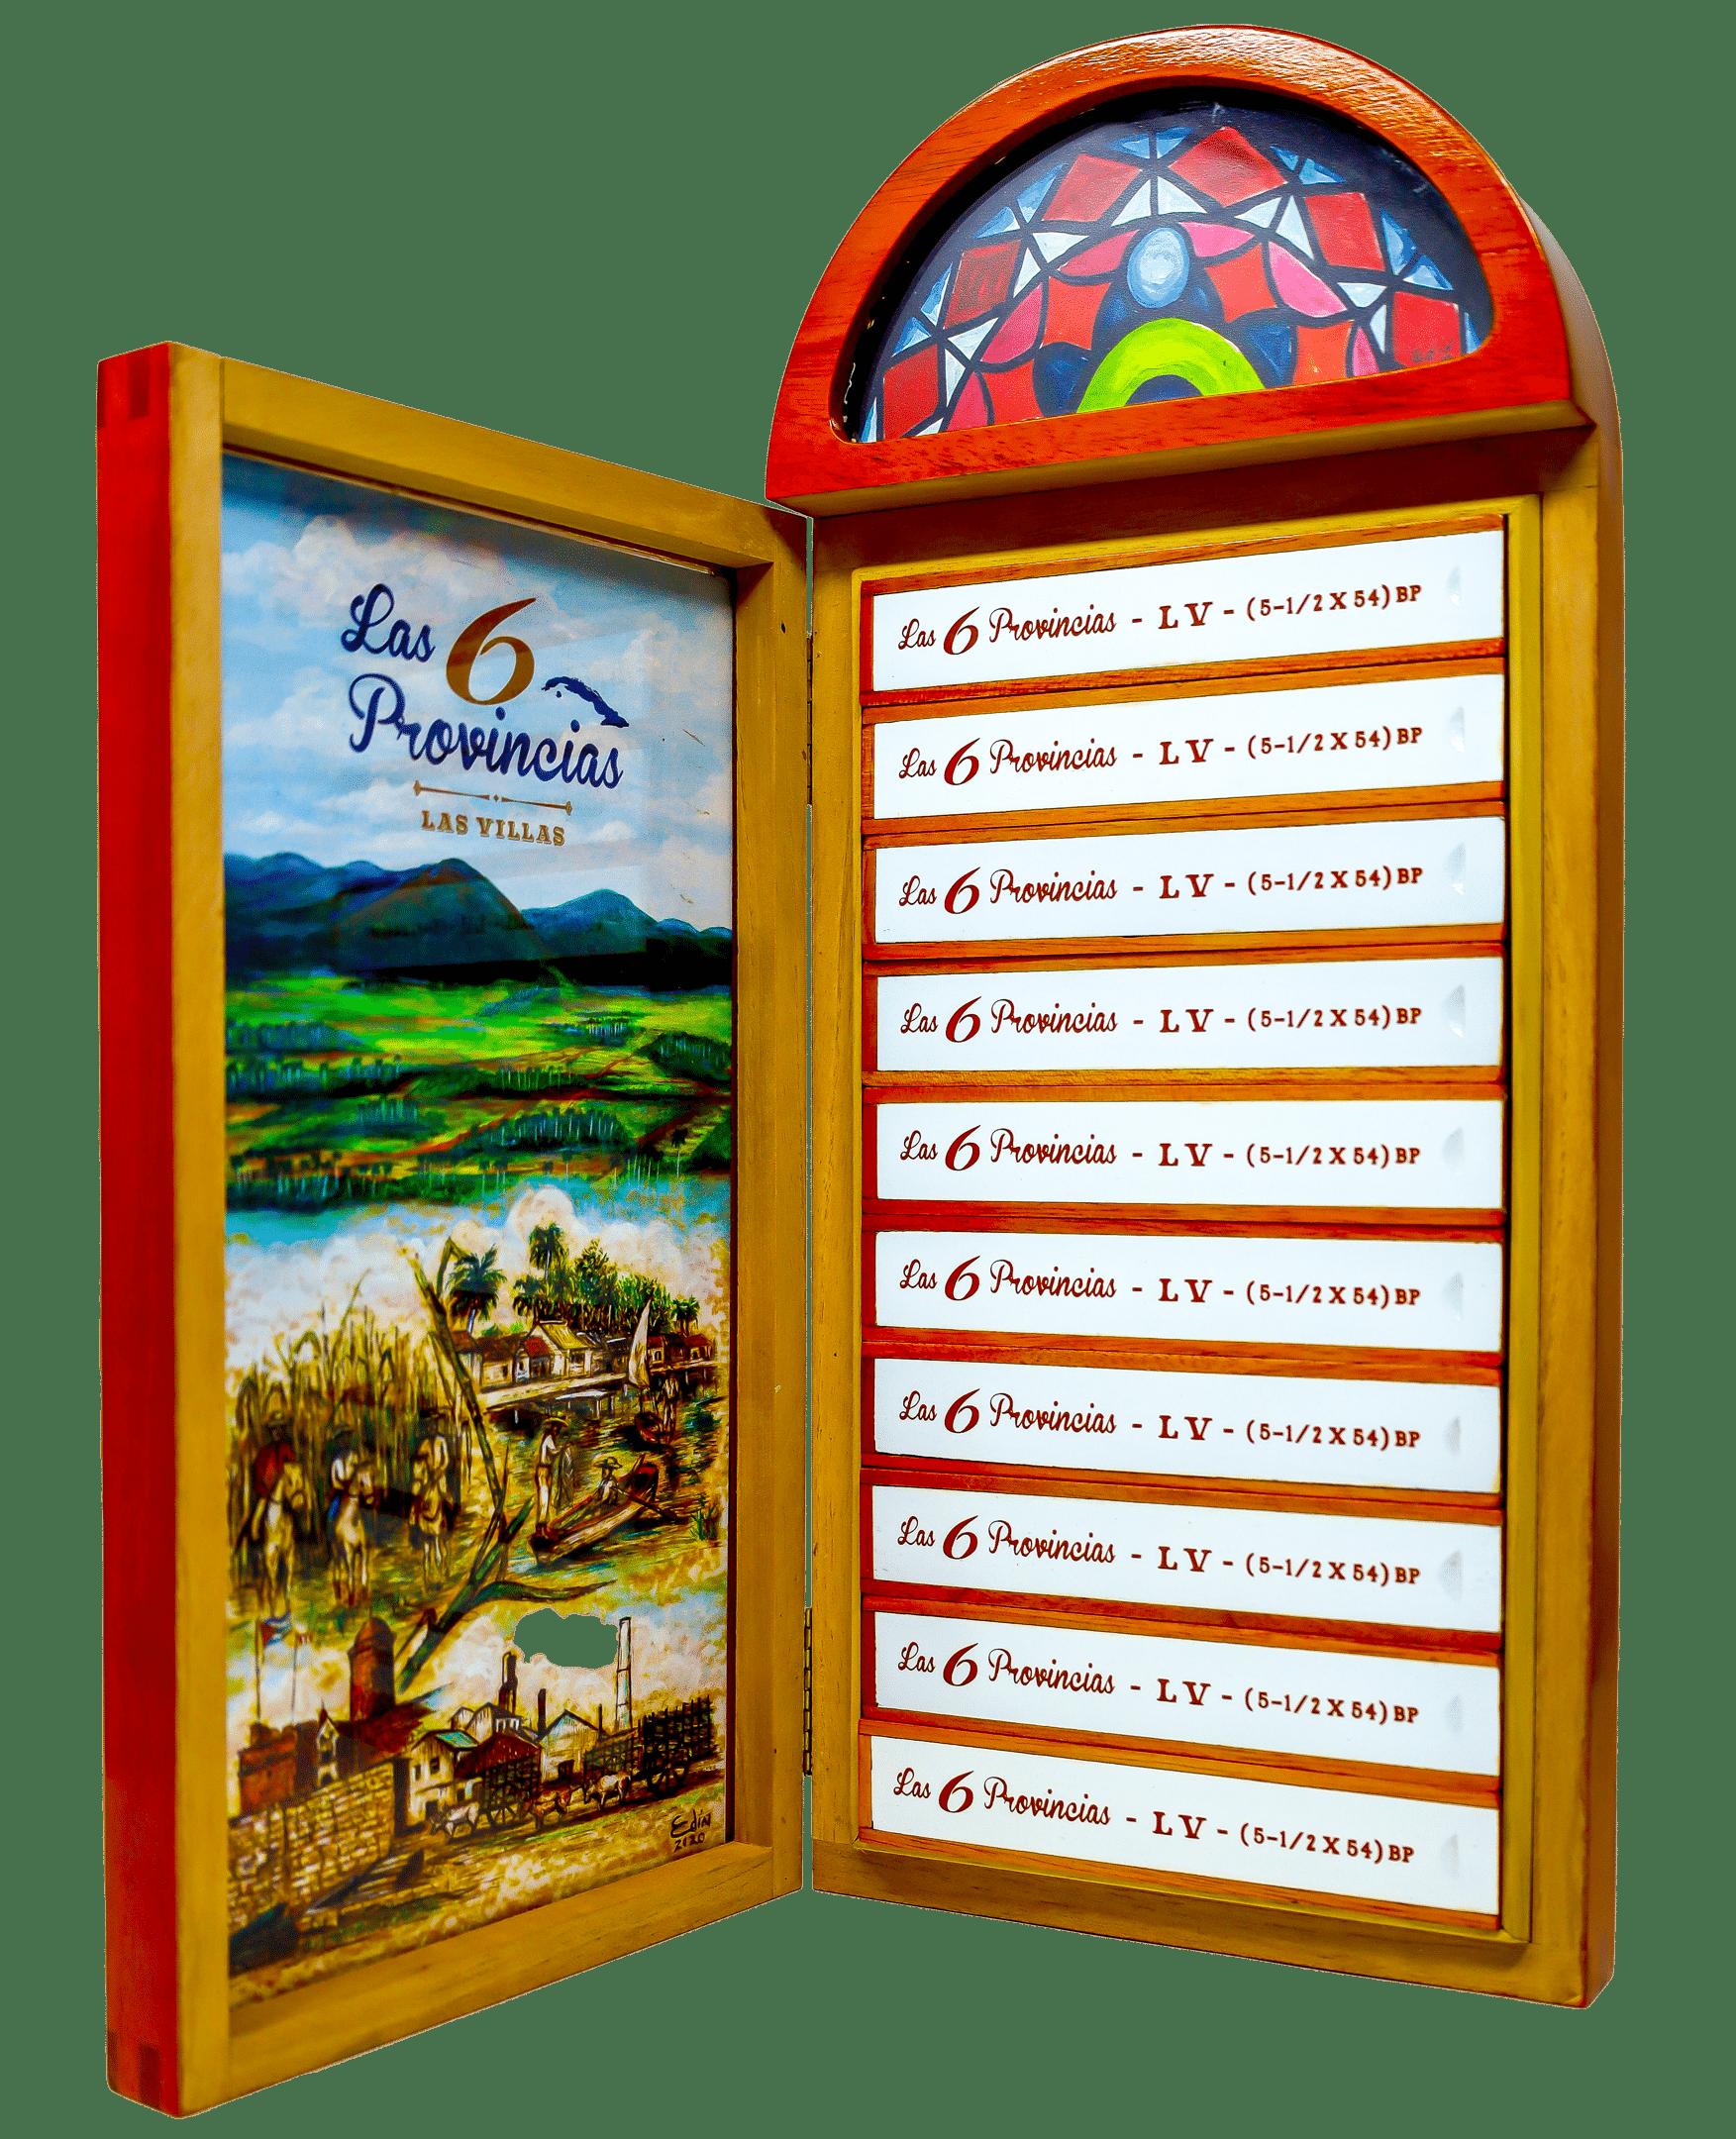 Espinosa Announces Third Las 6 Provincias - Las Villas